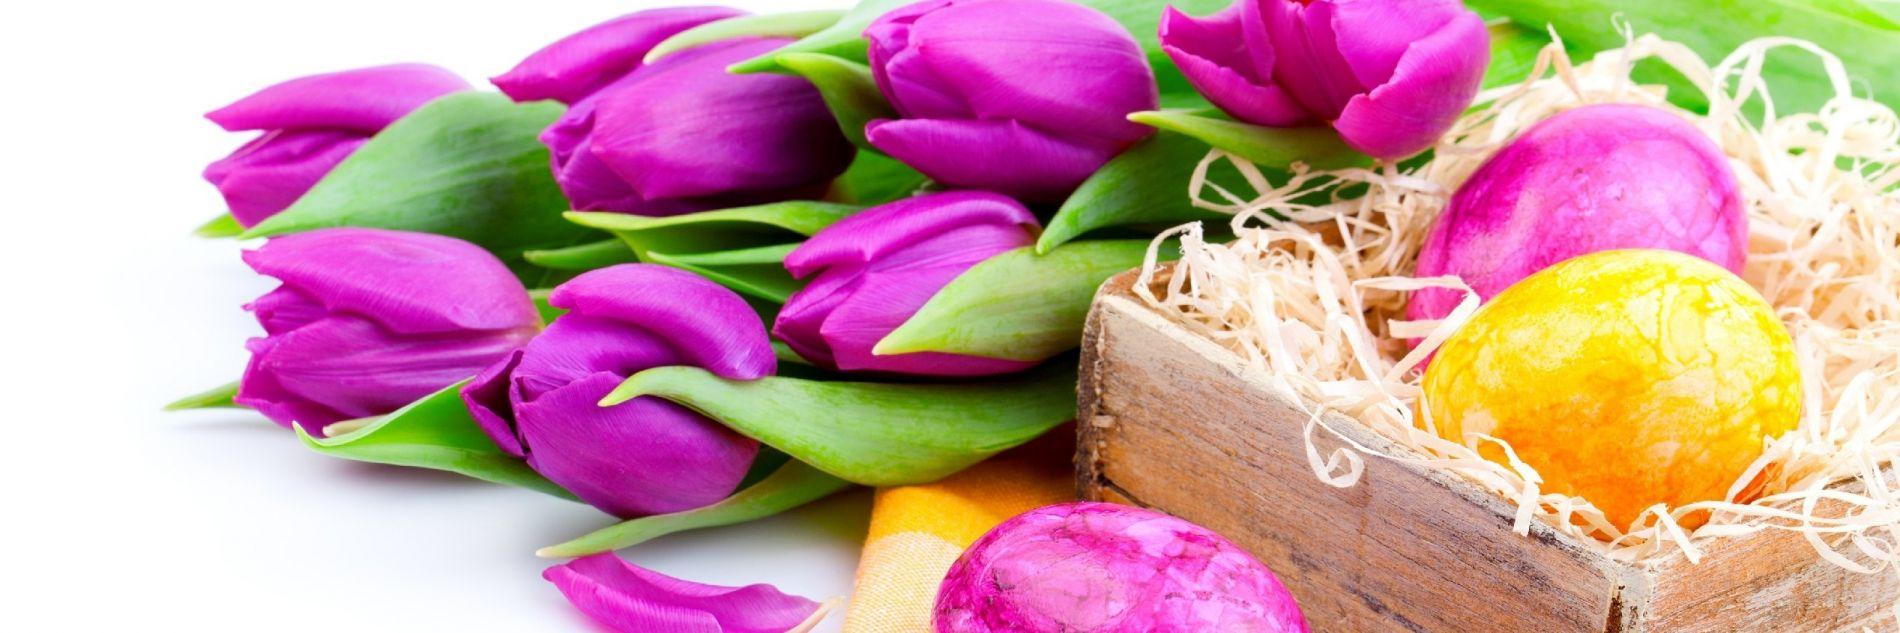 wielkanoc-tulipany-pisanki.jpg